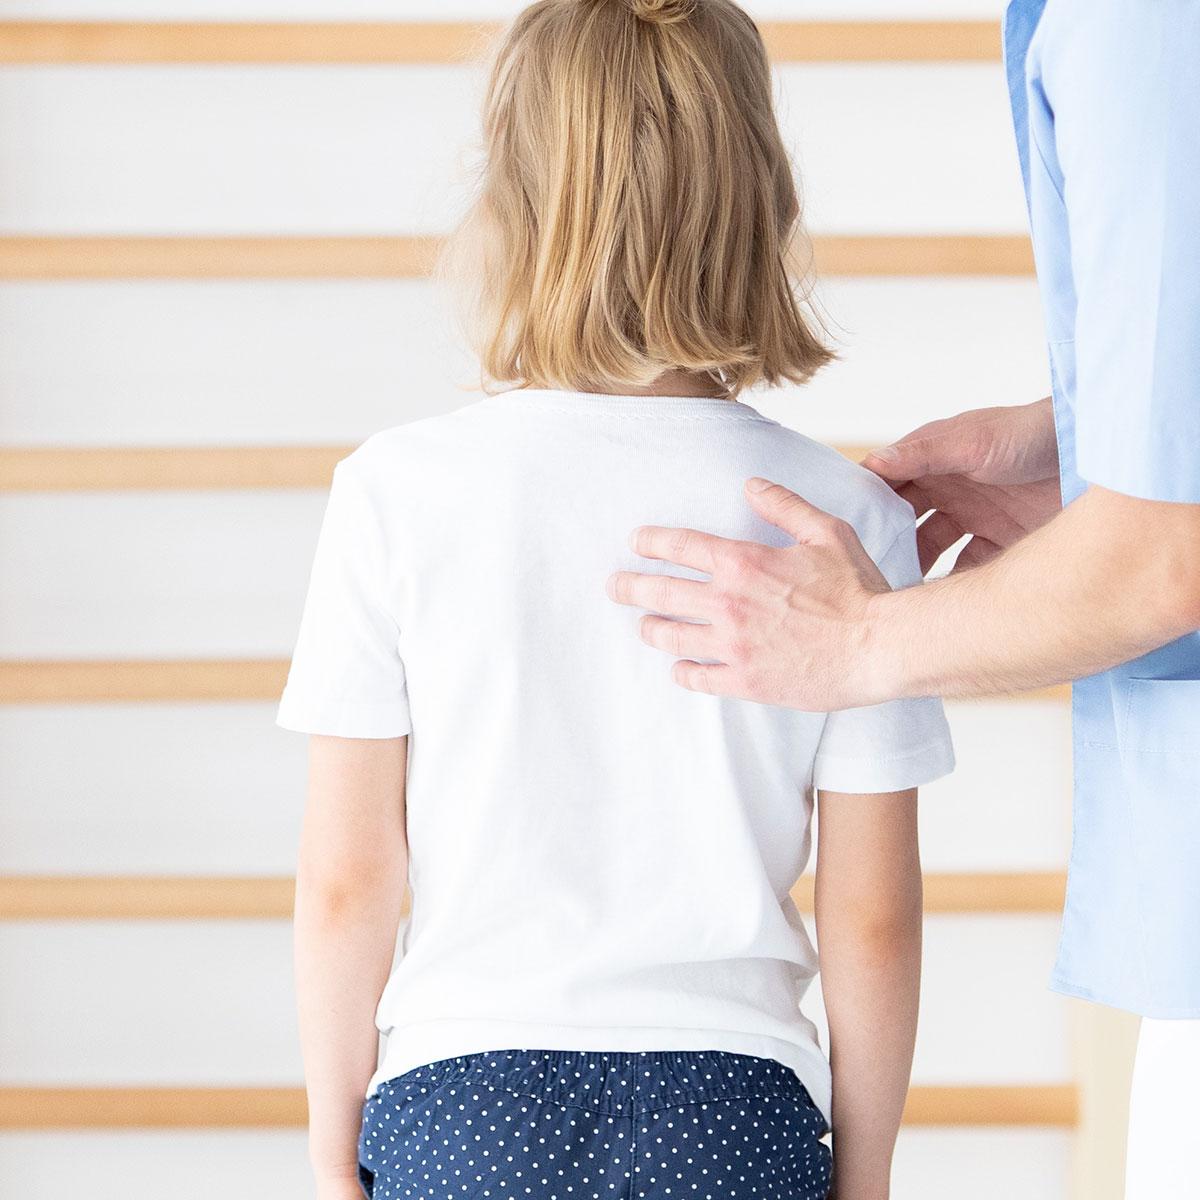 chiropratica-bambini-trattamento-3